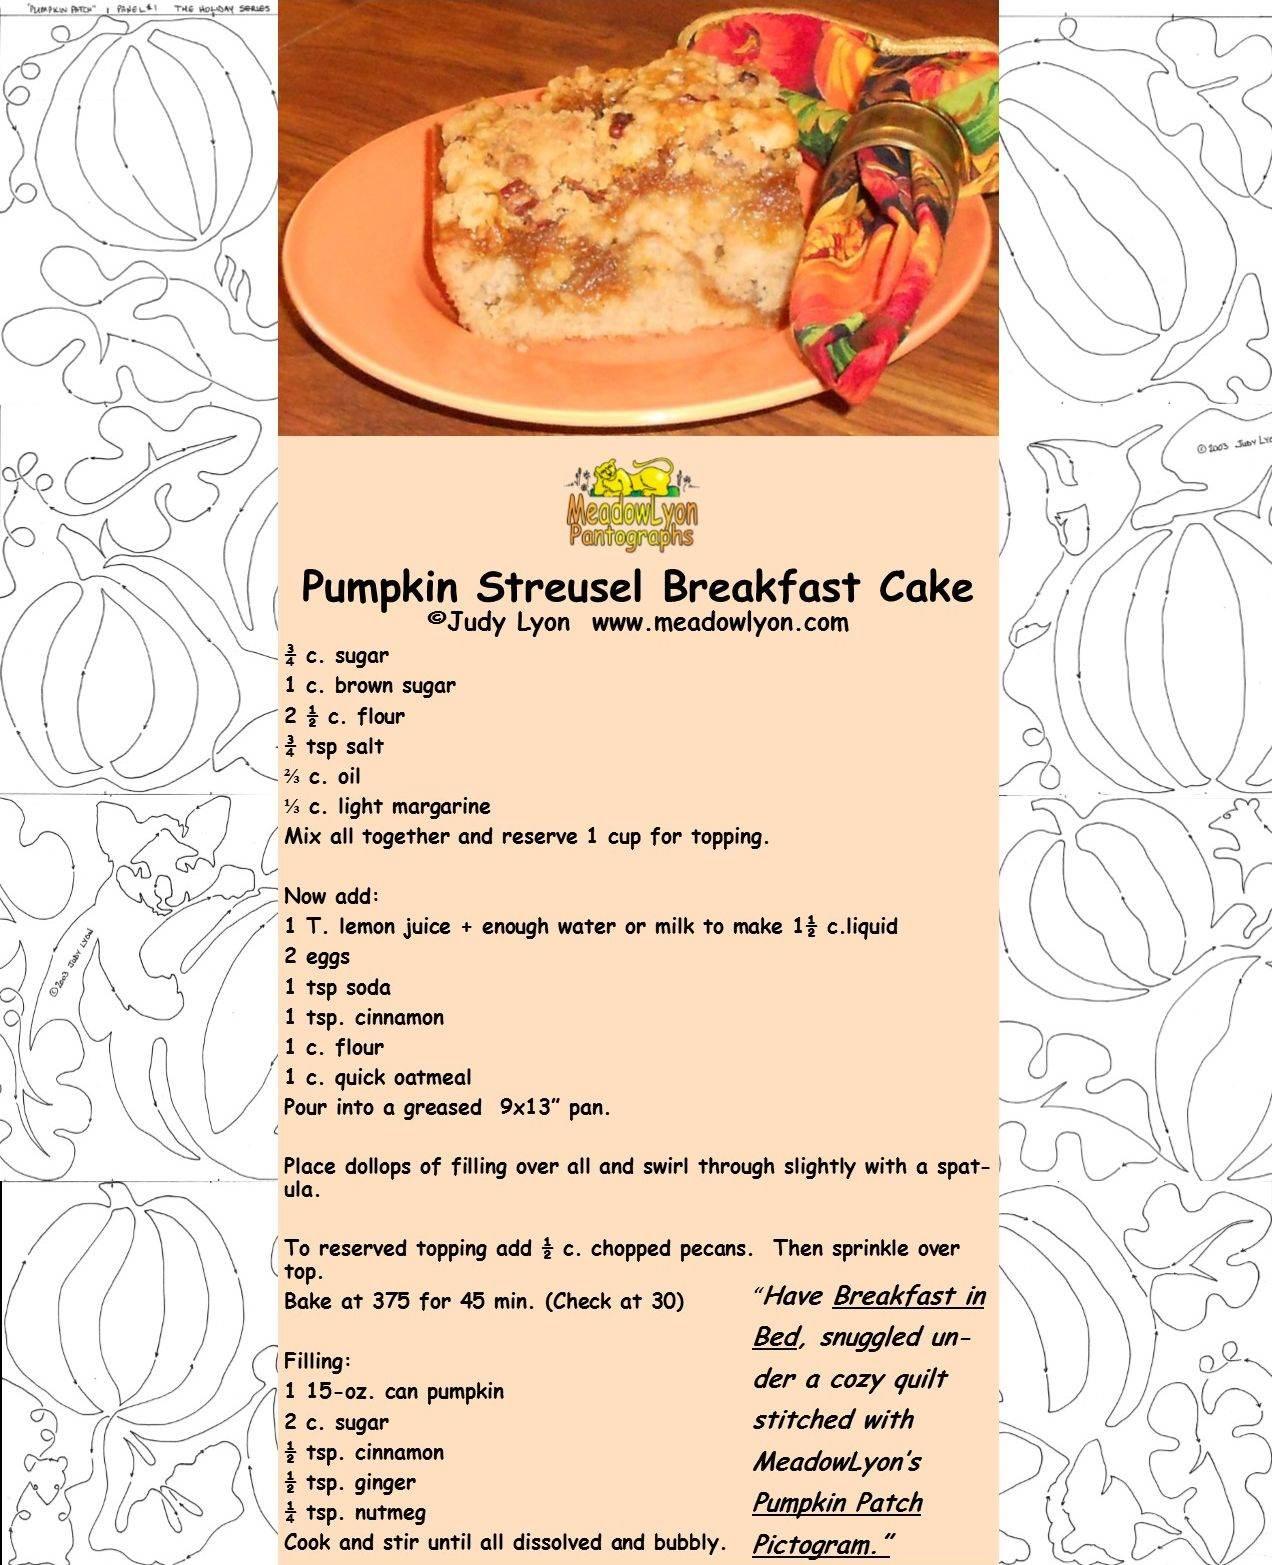 Pumpkin Streusel Breakfast Cake